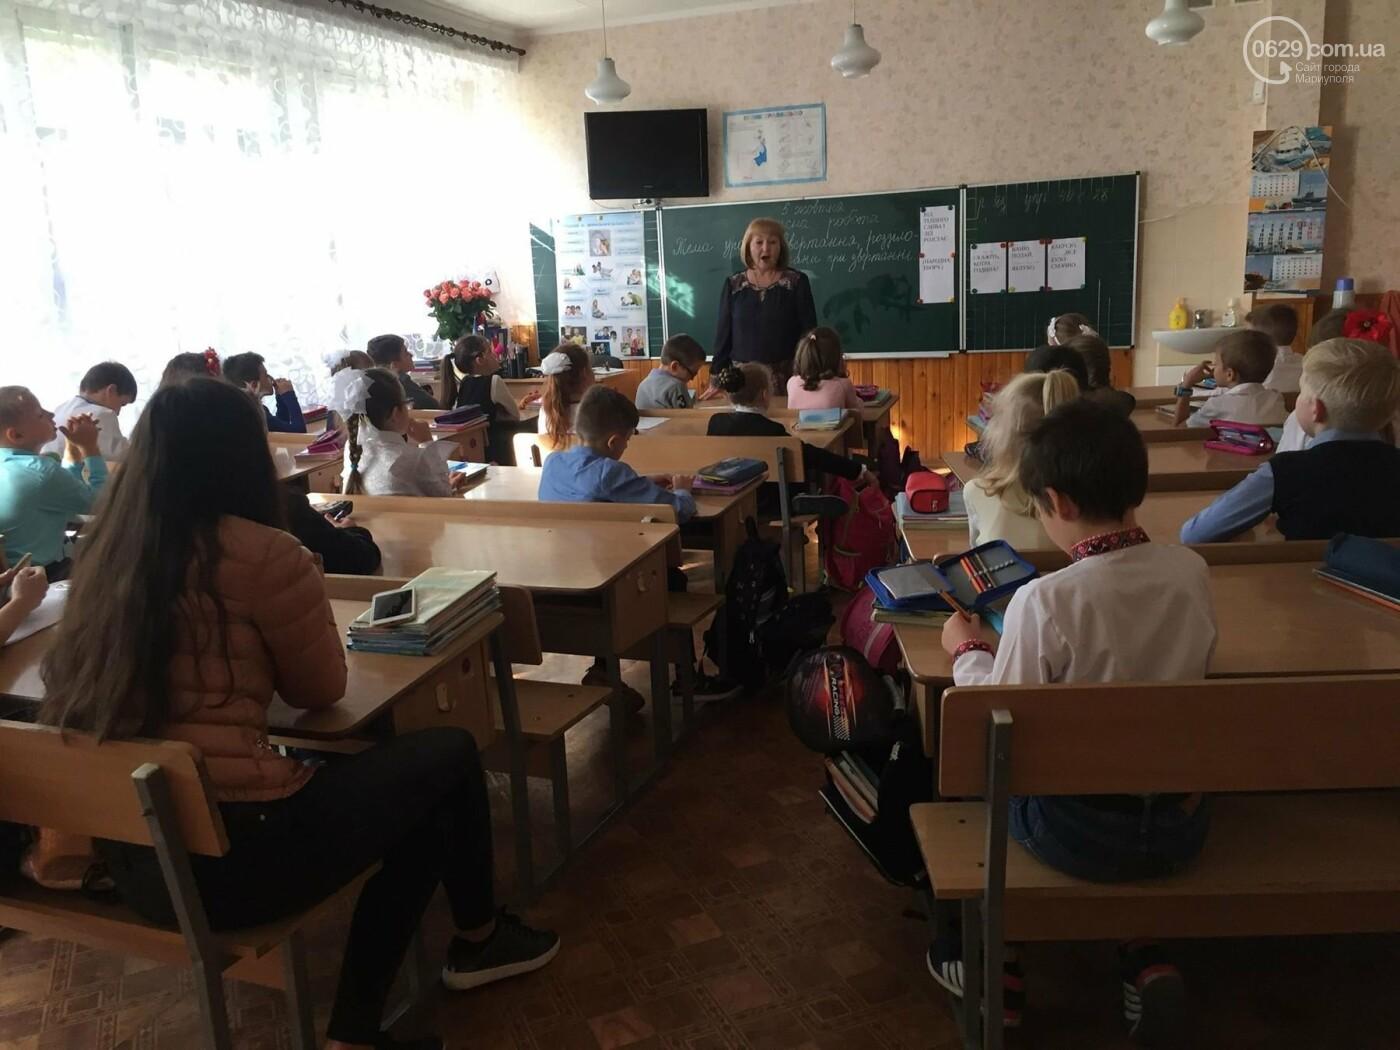 В мариупольской школе  оригинально отметили День учителя,- Фотофакт, фото-2